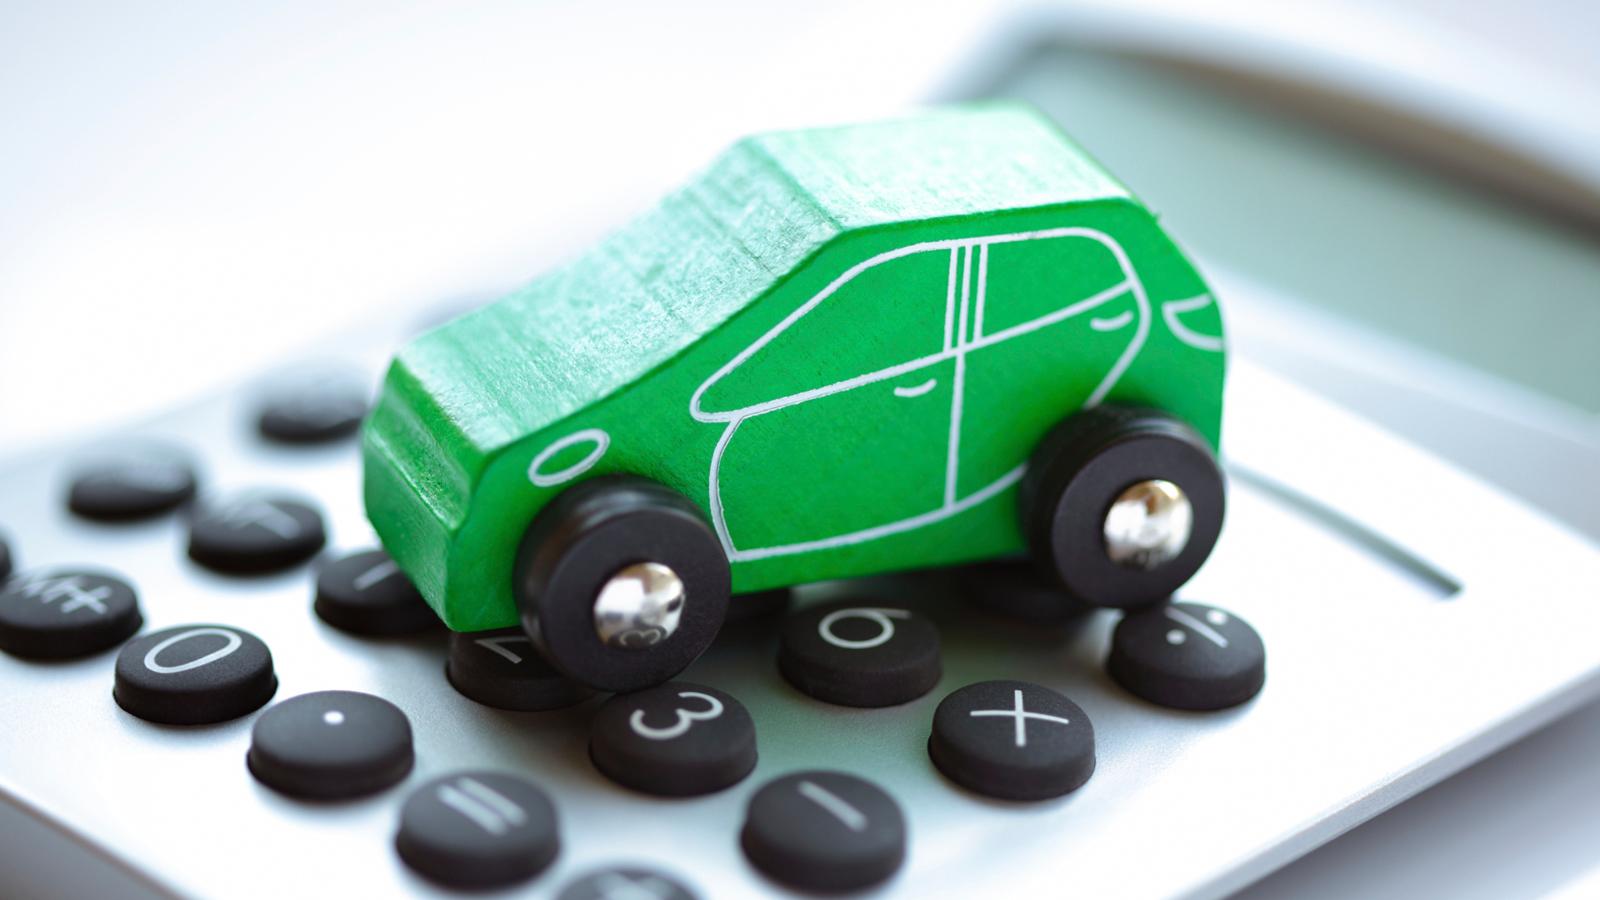 Центробанк обнародовал проект изменения тарифов ОСАГО